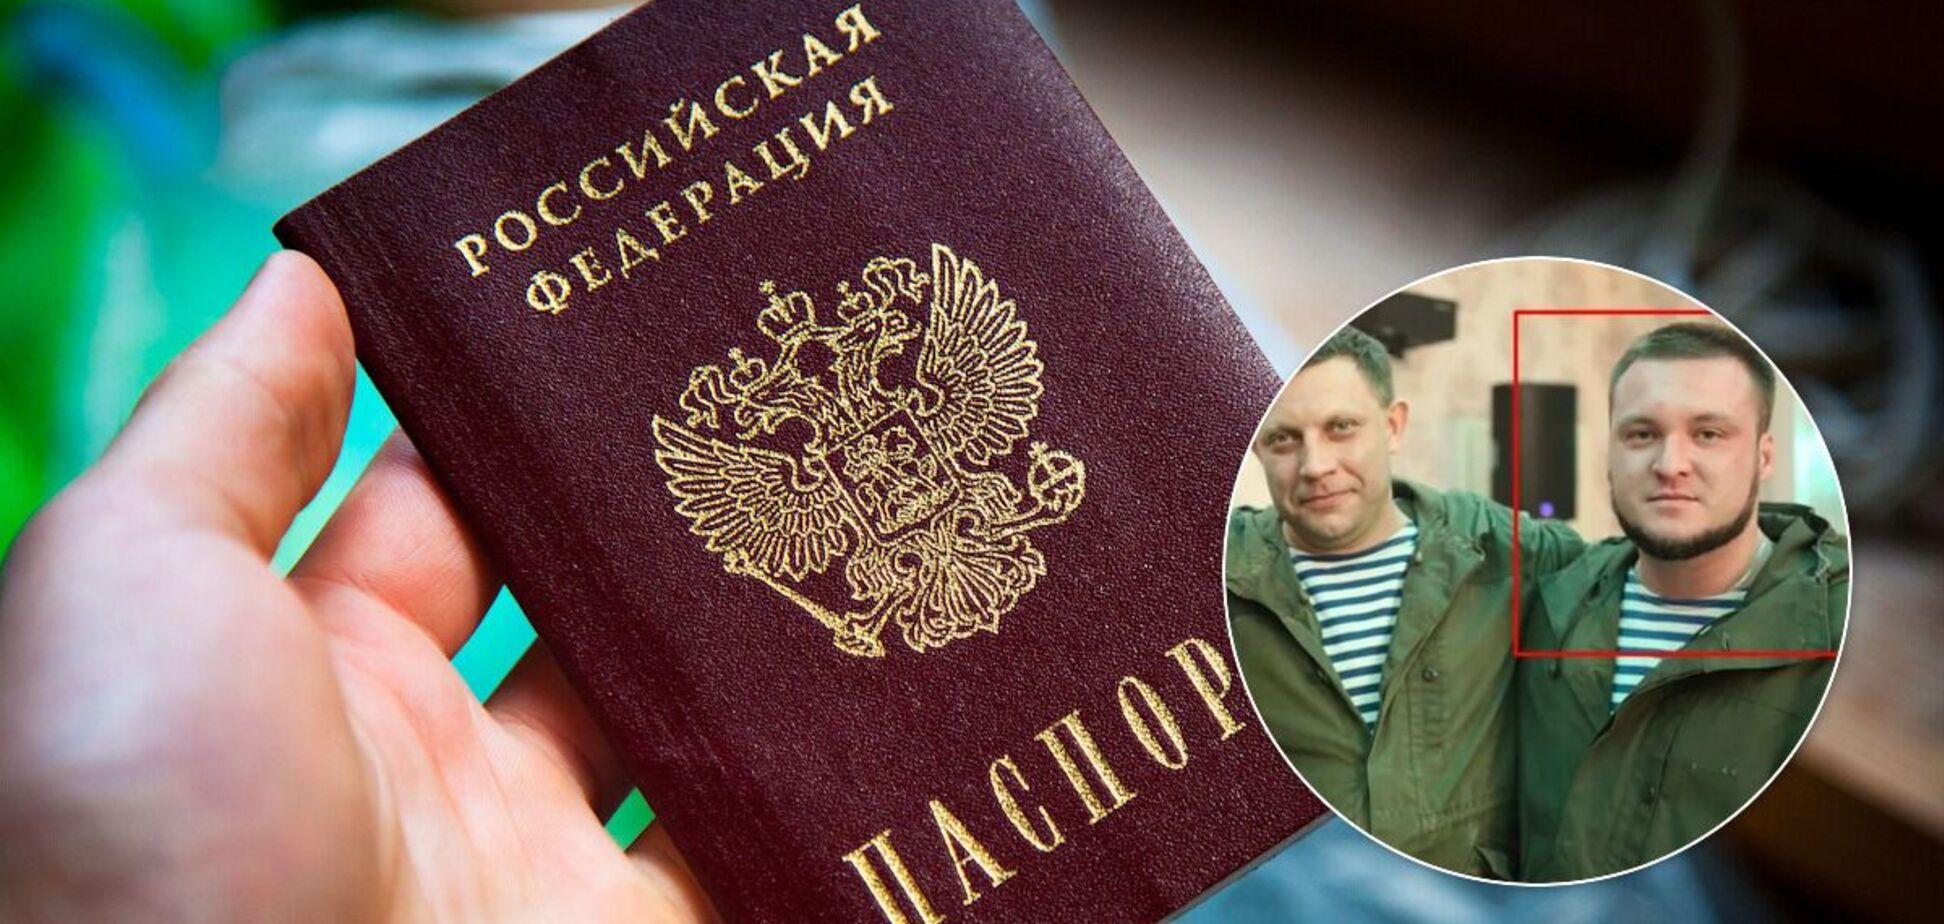 Терорист Сергій Завдовєєв розповів про причини відмови в громадянстві РФ